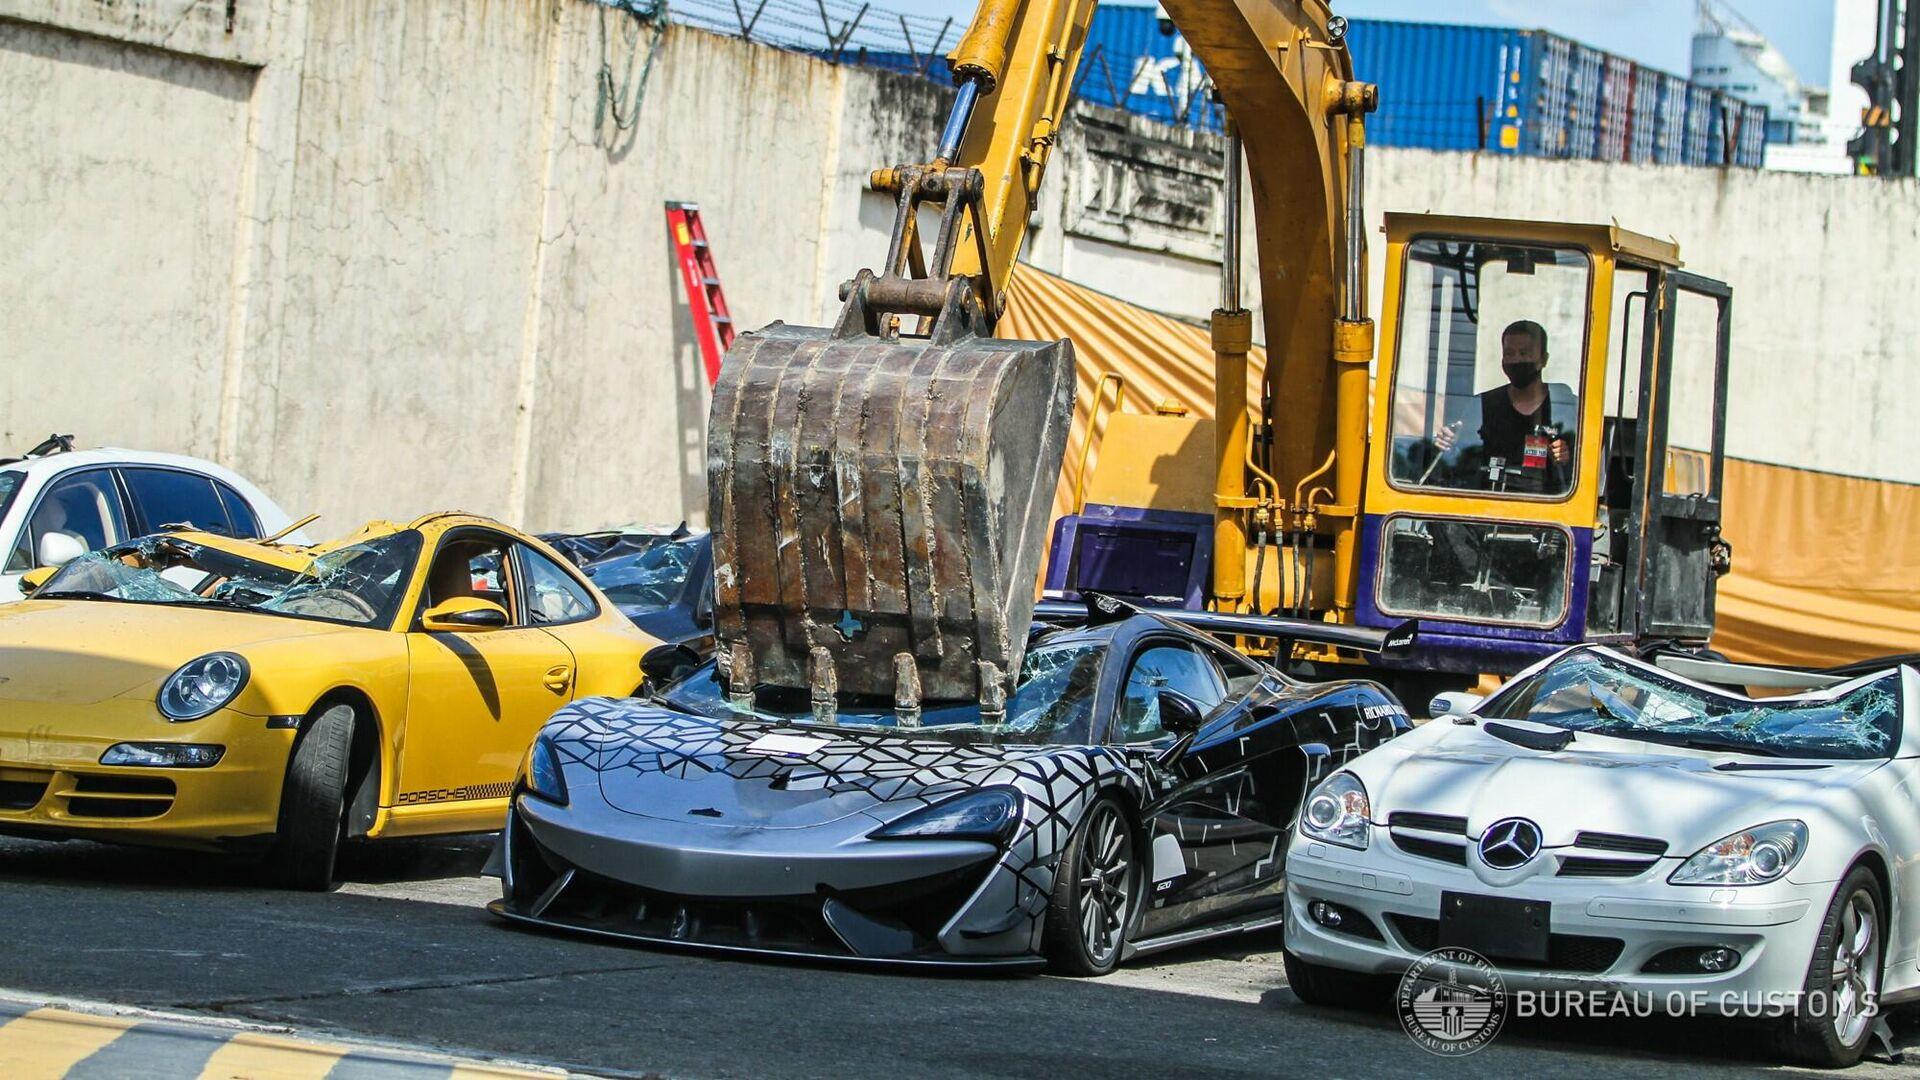 La Oficina de Aduanas de Filipinas destruye un McLaren 620R de contrabando - Sputnik Mundo, 1920, 20.06.2021